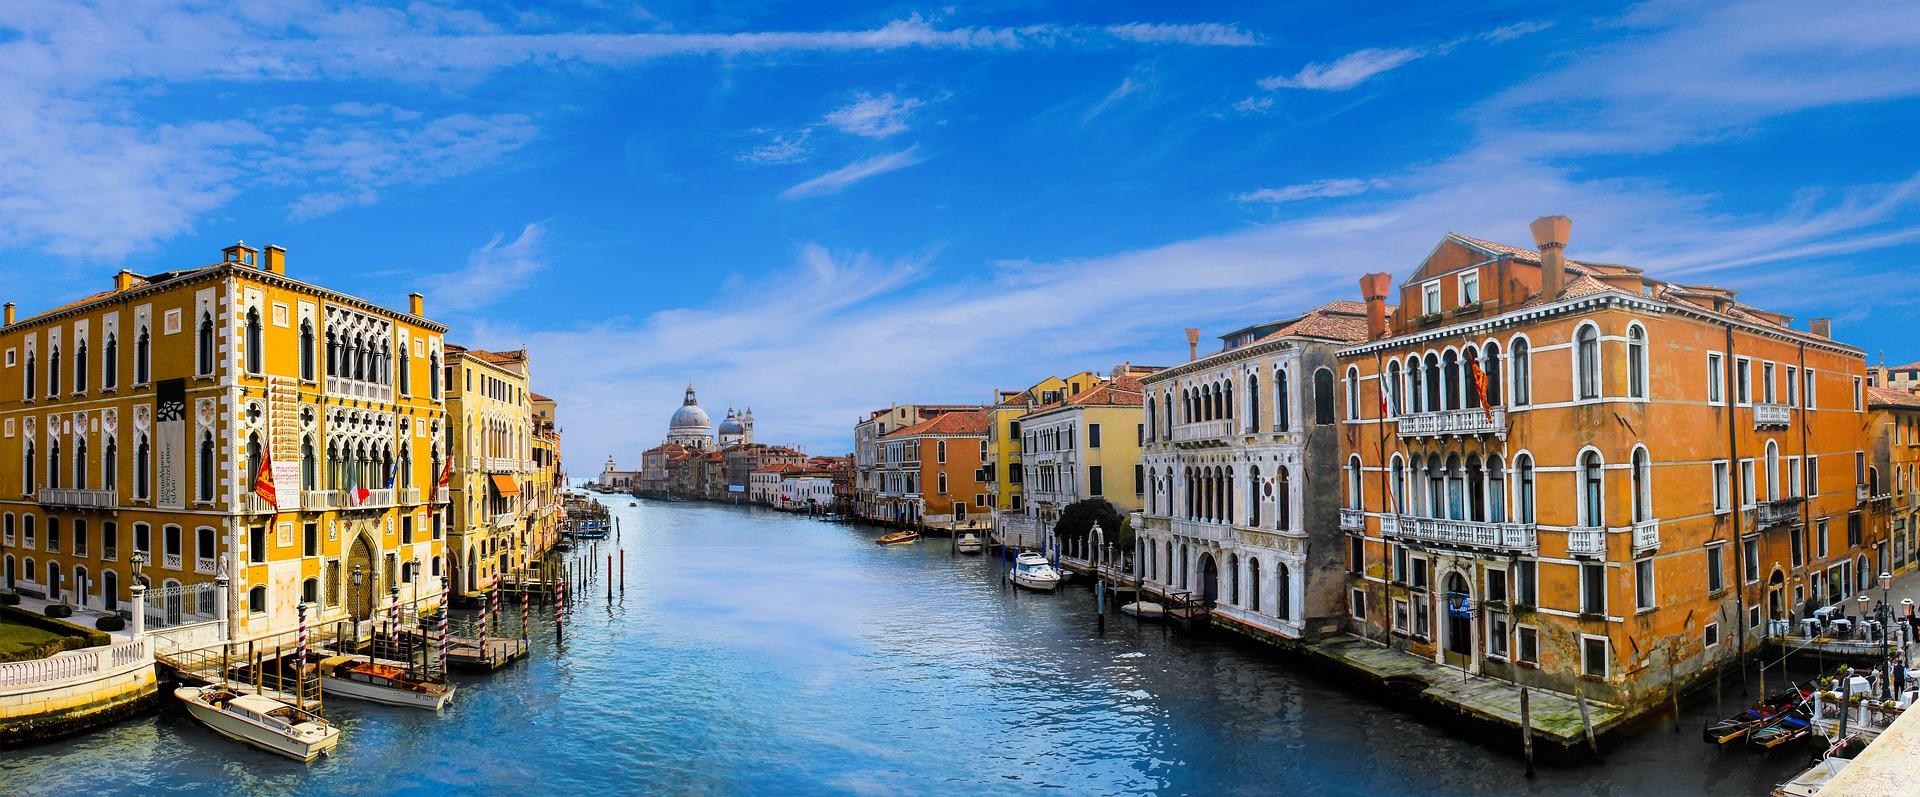 Venedig Sehenswürdigkeiten & Reisetipps Flüge ab 12,99